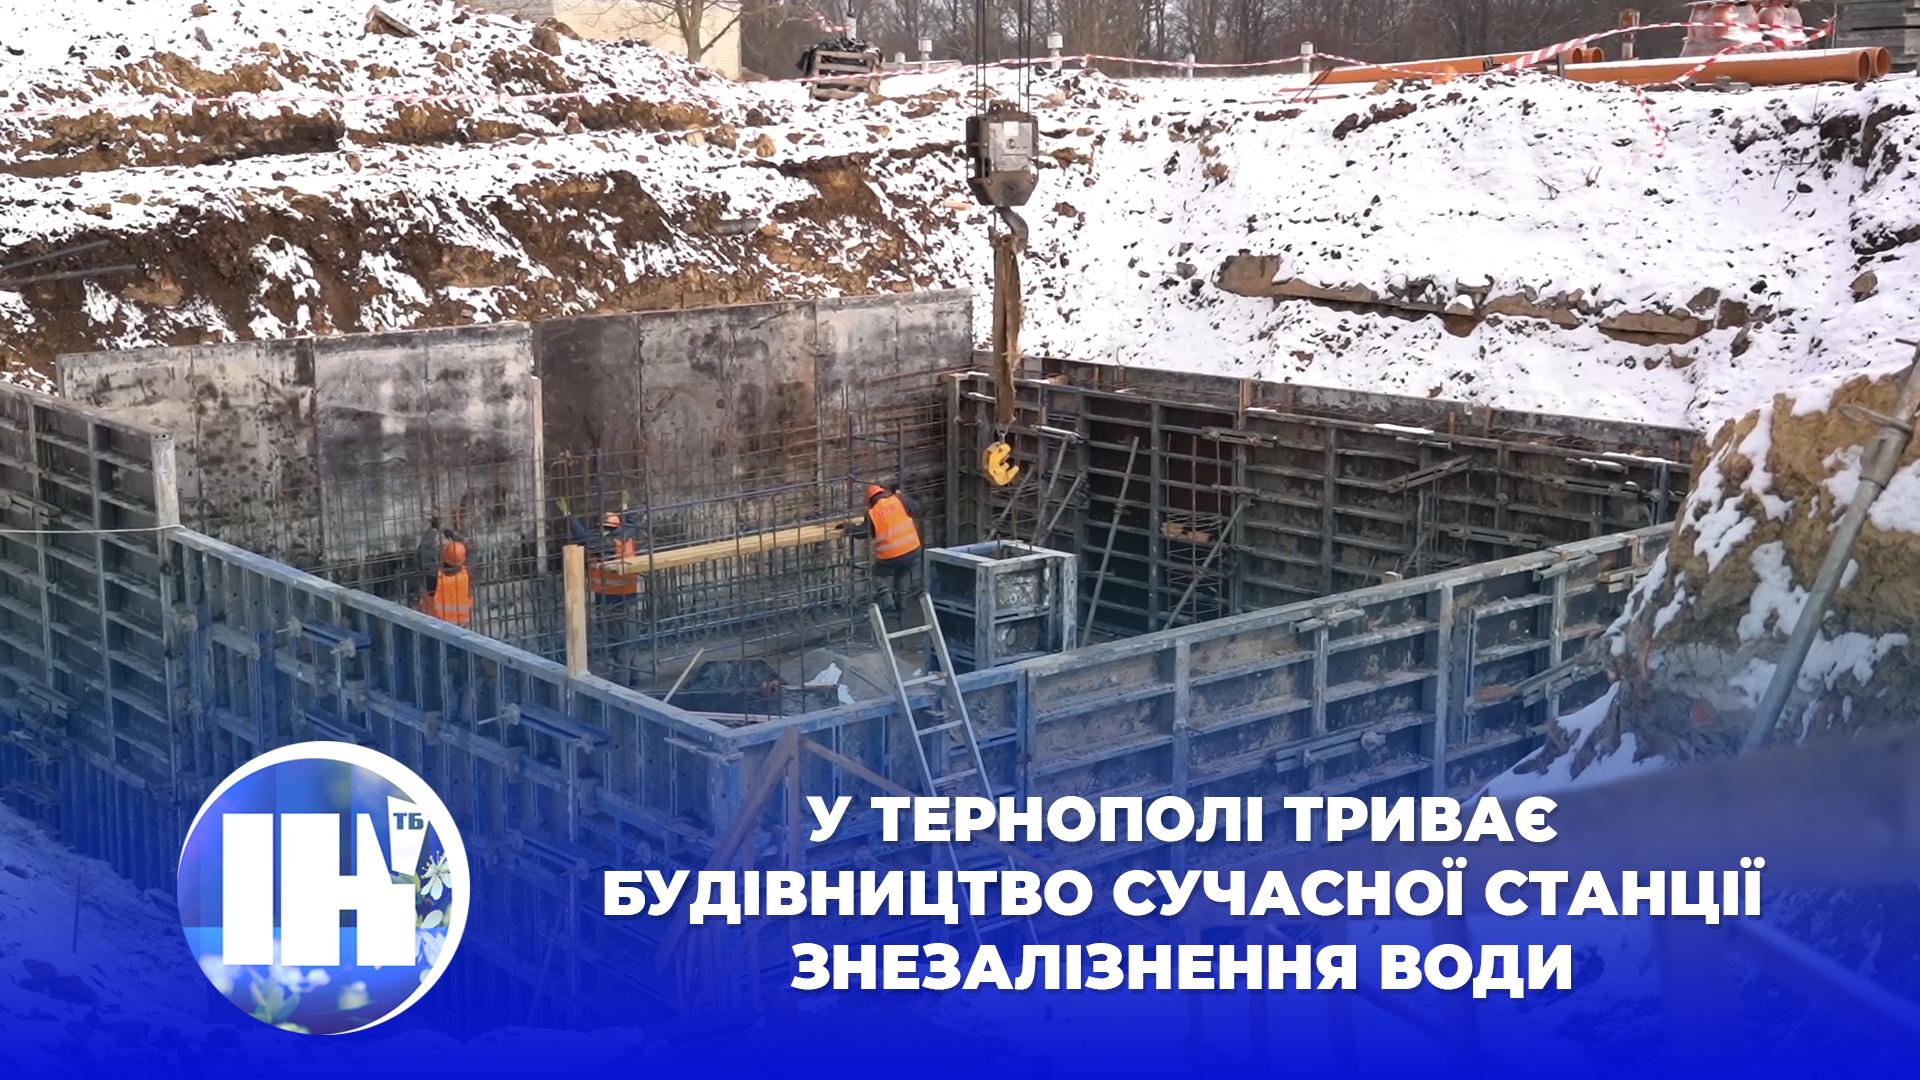 У Тернополі триває будівництво сучасної станції знезалізнення води